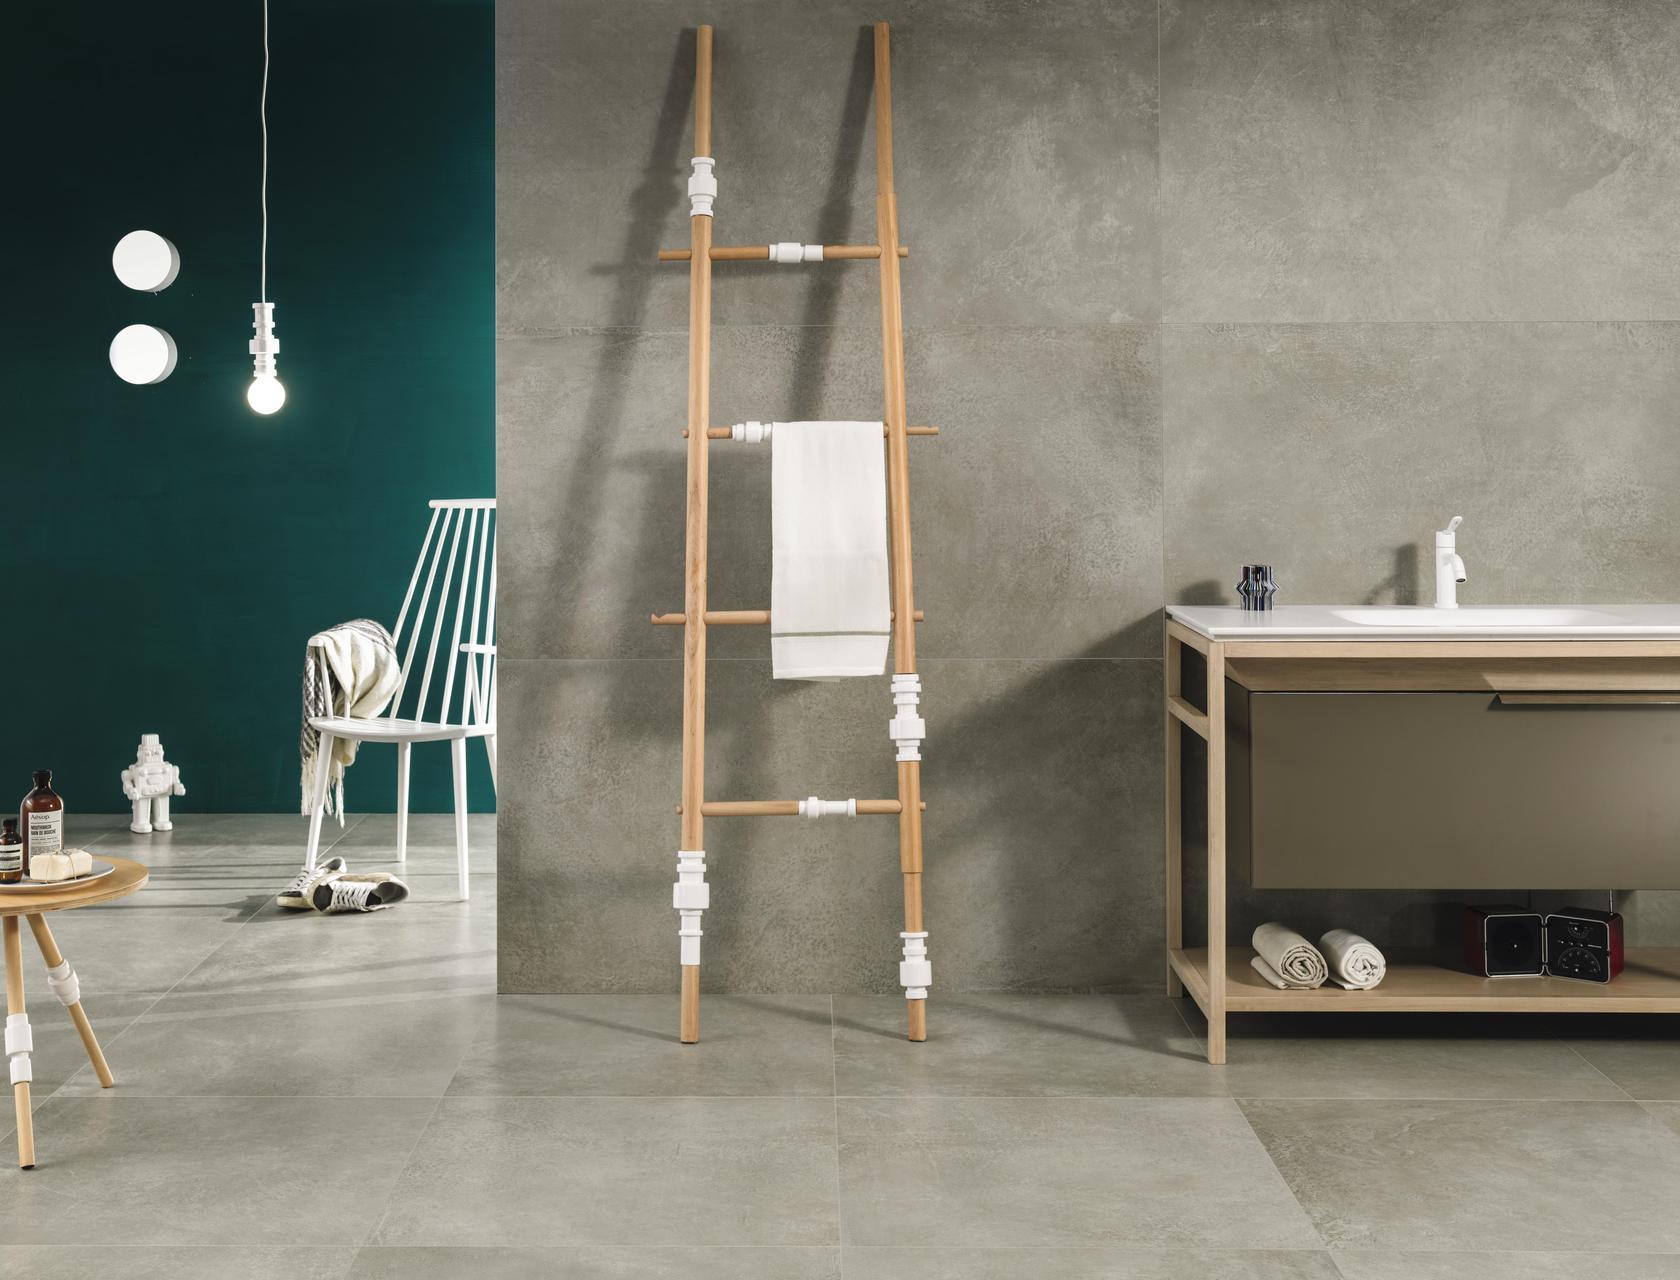 Fußboden Um 2 Cm Erhöhen ~ Cm2 materie high tech bodenbeläge und verkleidungen in feinsteinzeug